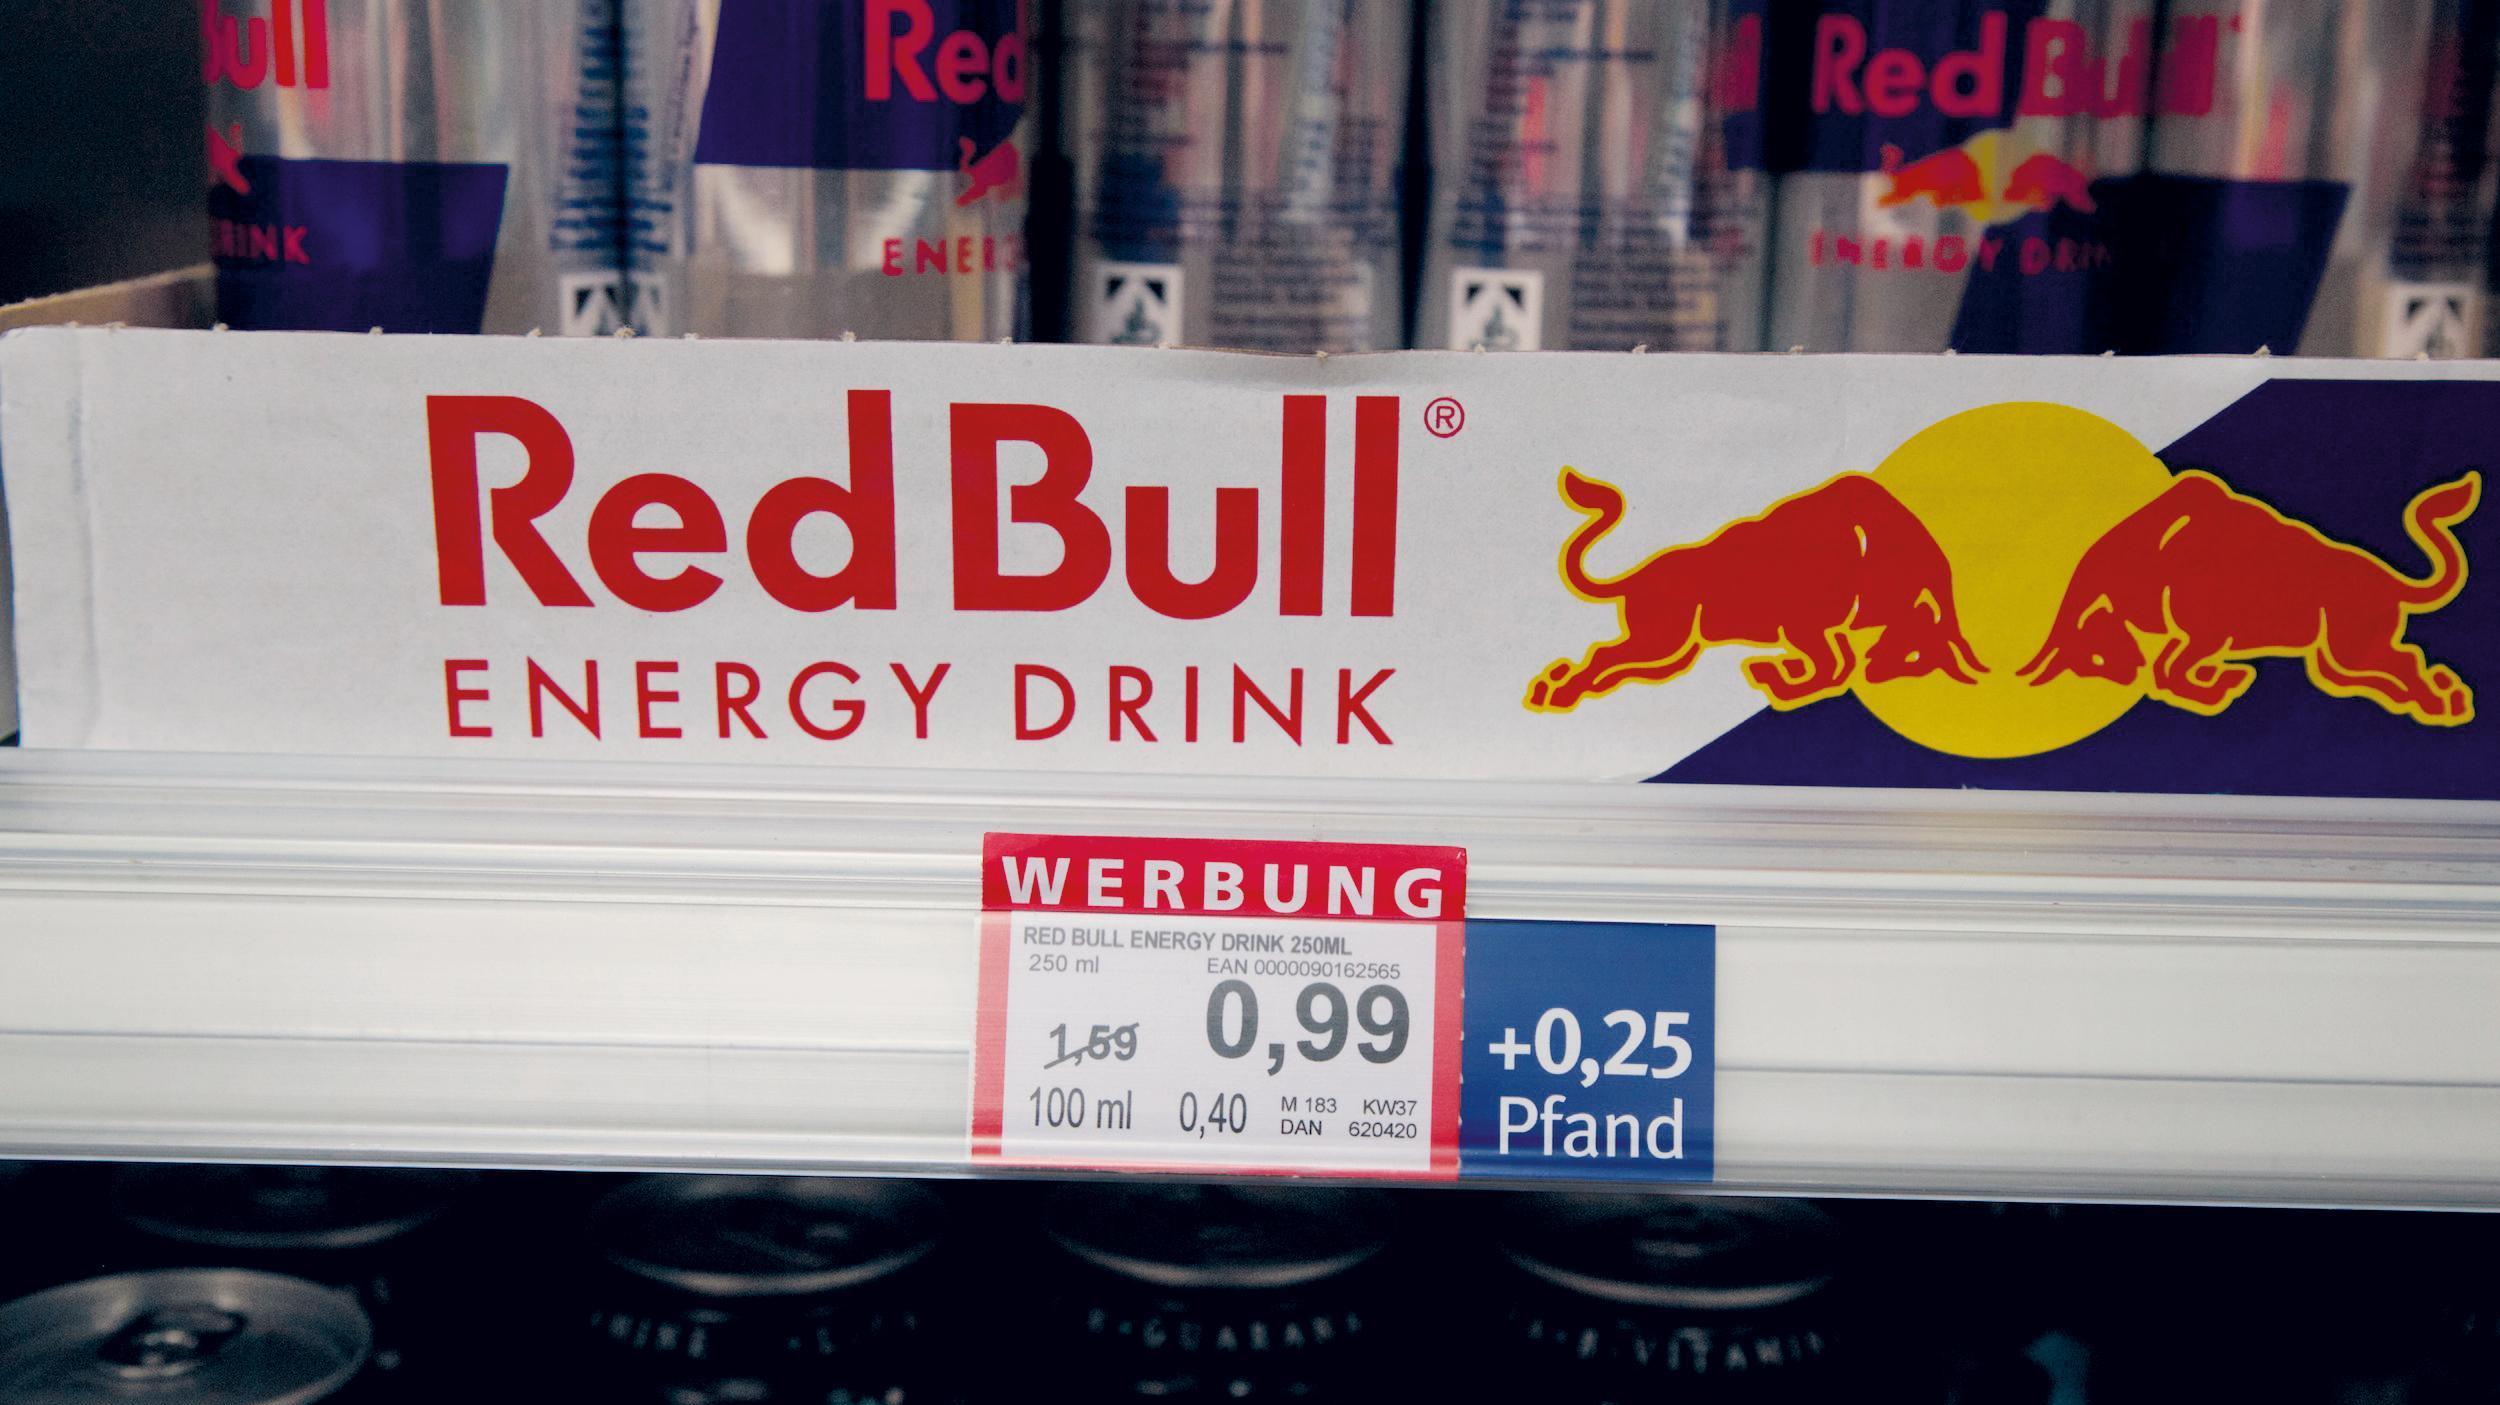 Red Bull Kühlschrank Hotline : Red bull service hotline deutschland red bull air race dolderer